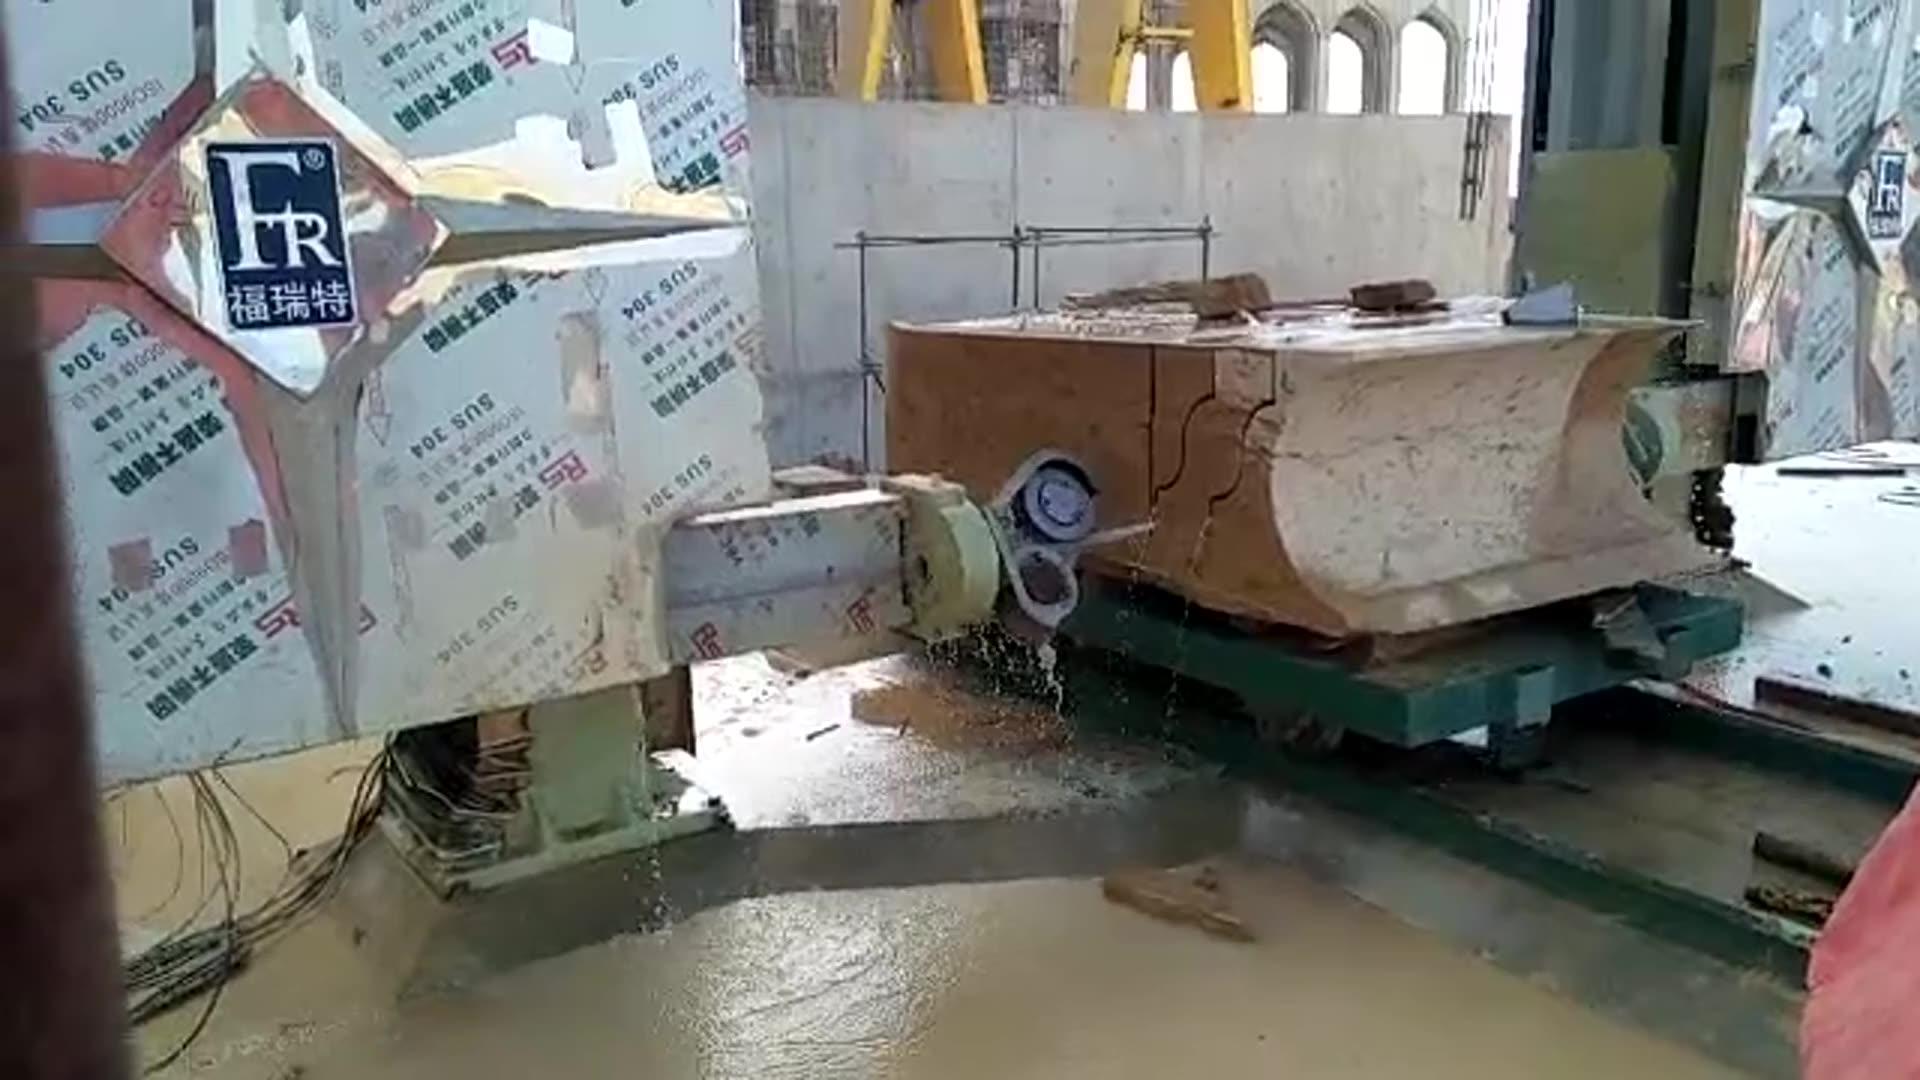 Stein maschinen FRT-2500 CNC diamant draht sah stein cut gestaltung mono draht sah stein schneiden maschine